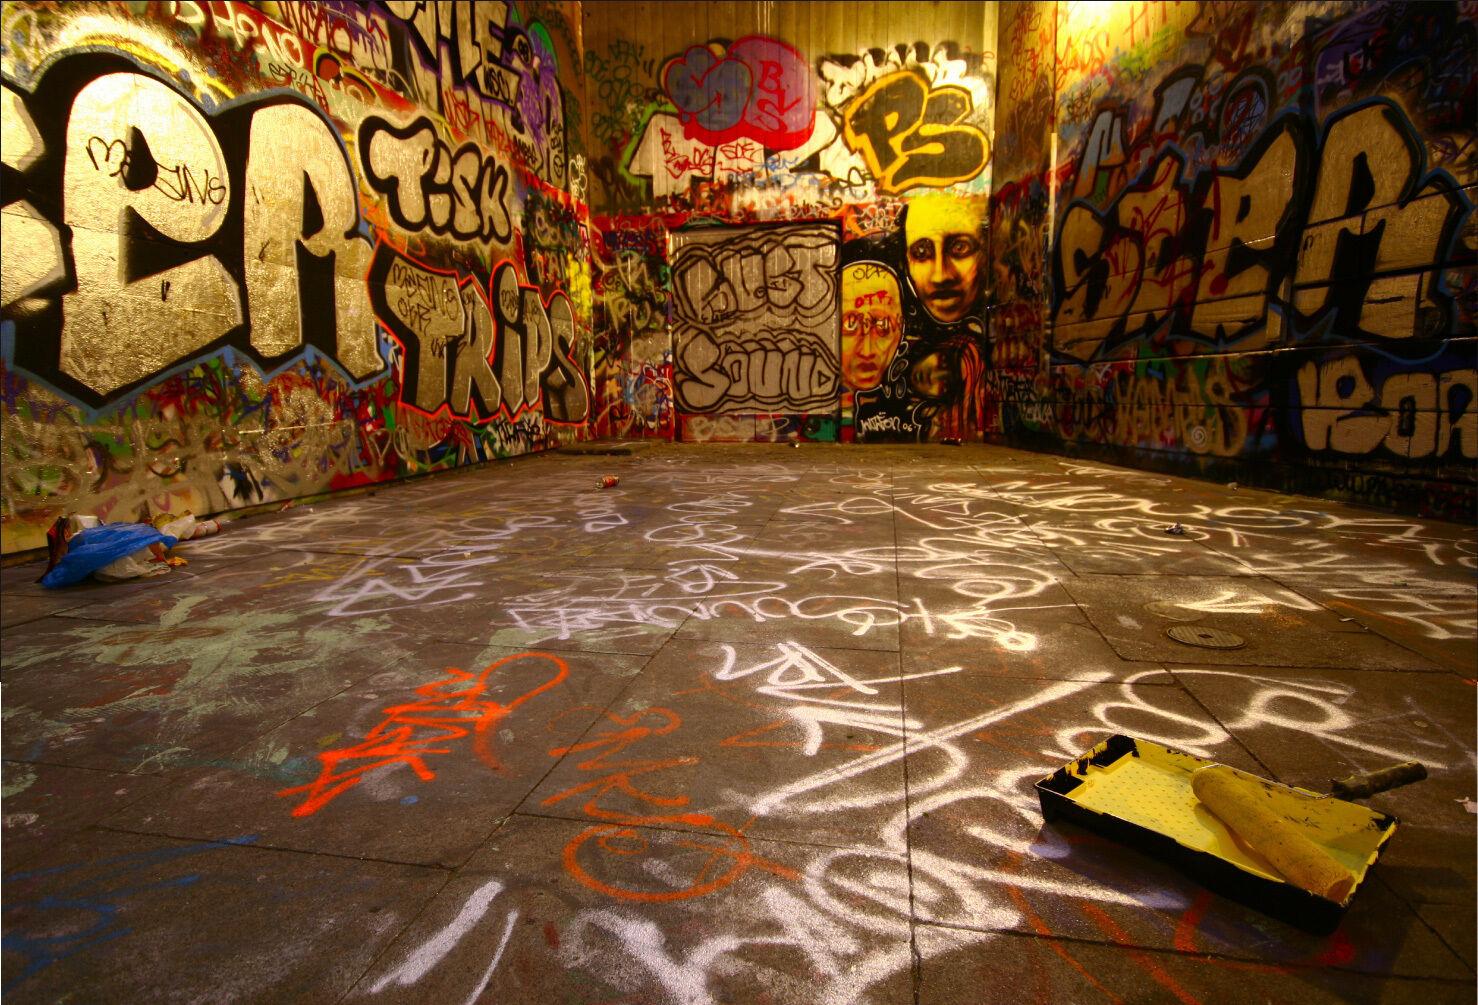 Adesivi Murale Adesivo Decocrazione  Graffiti Tag - Ref 1560 (16 Dimensioni)